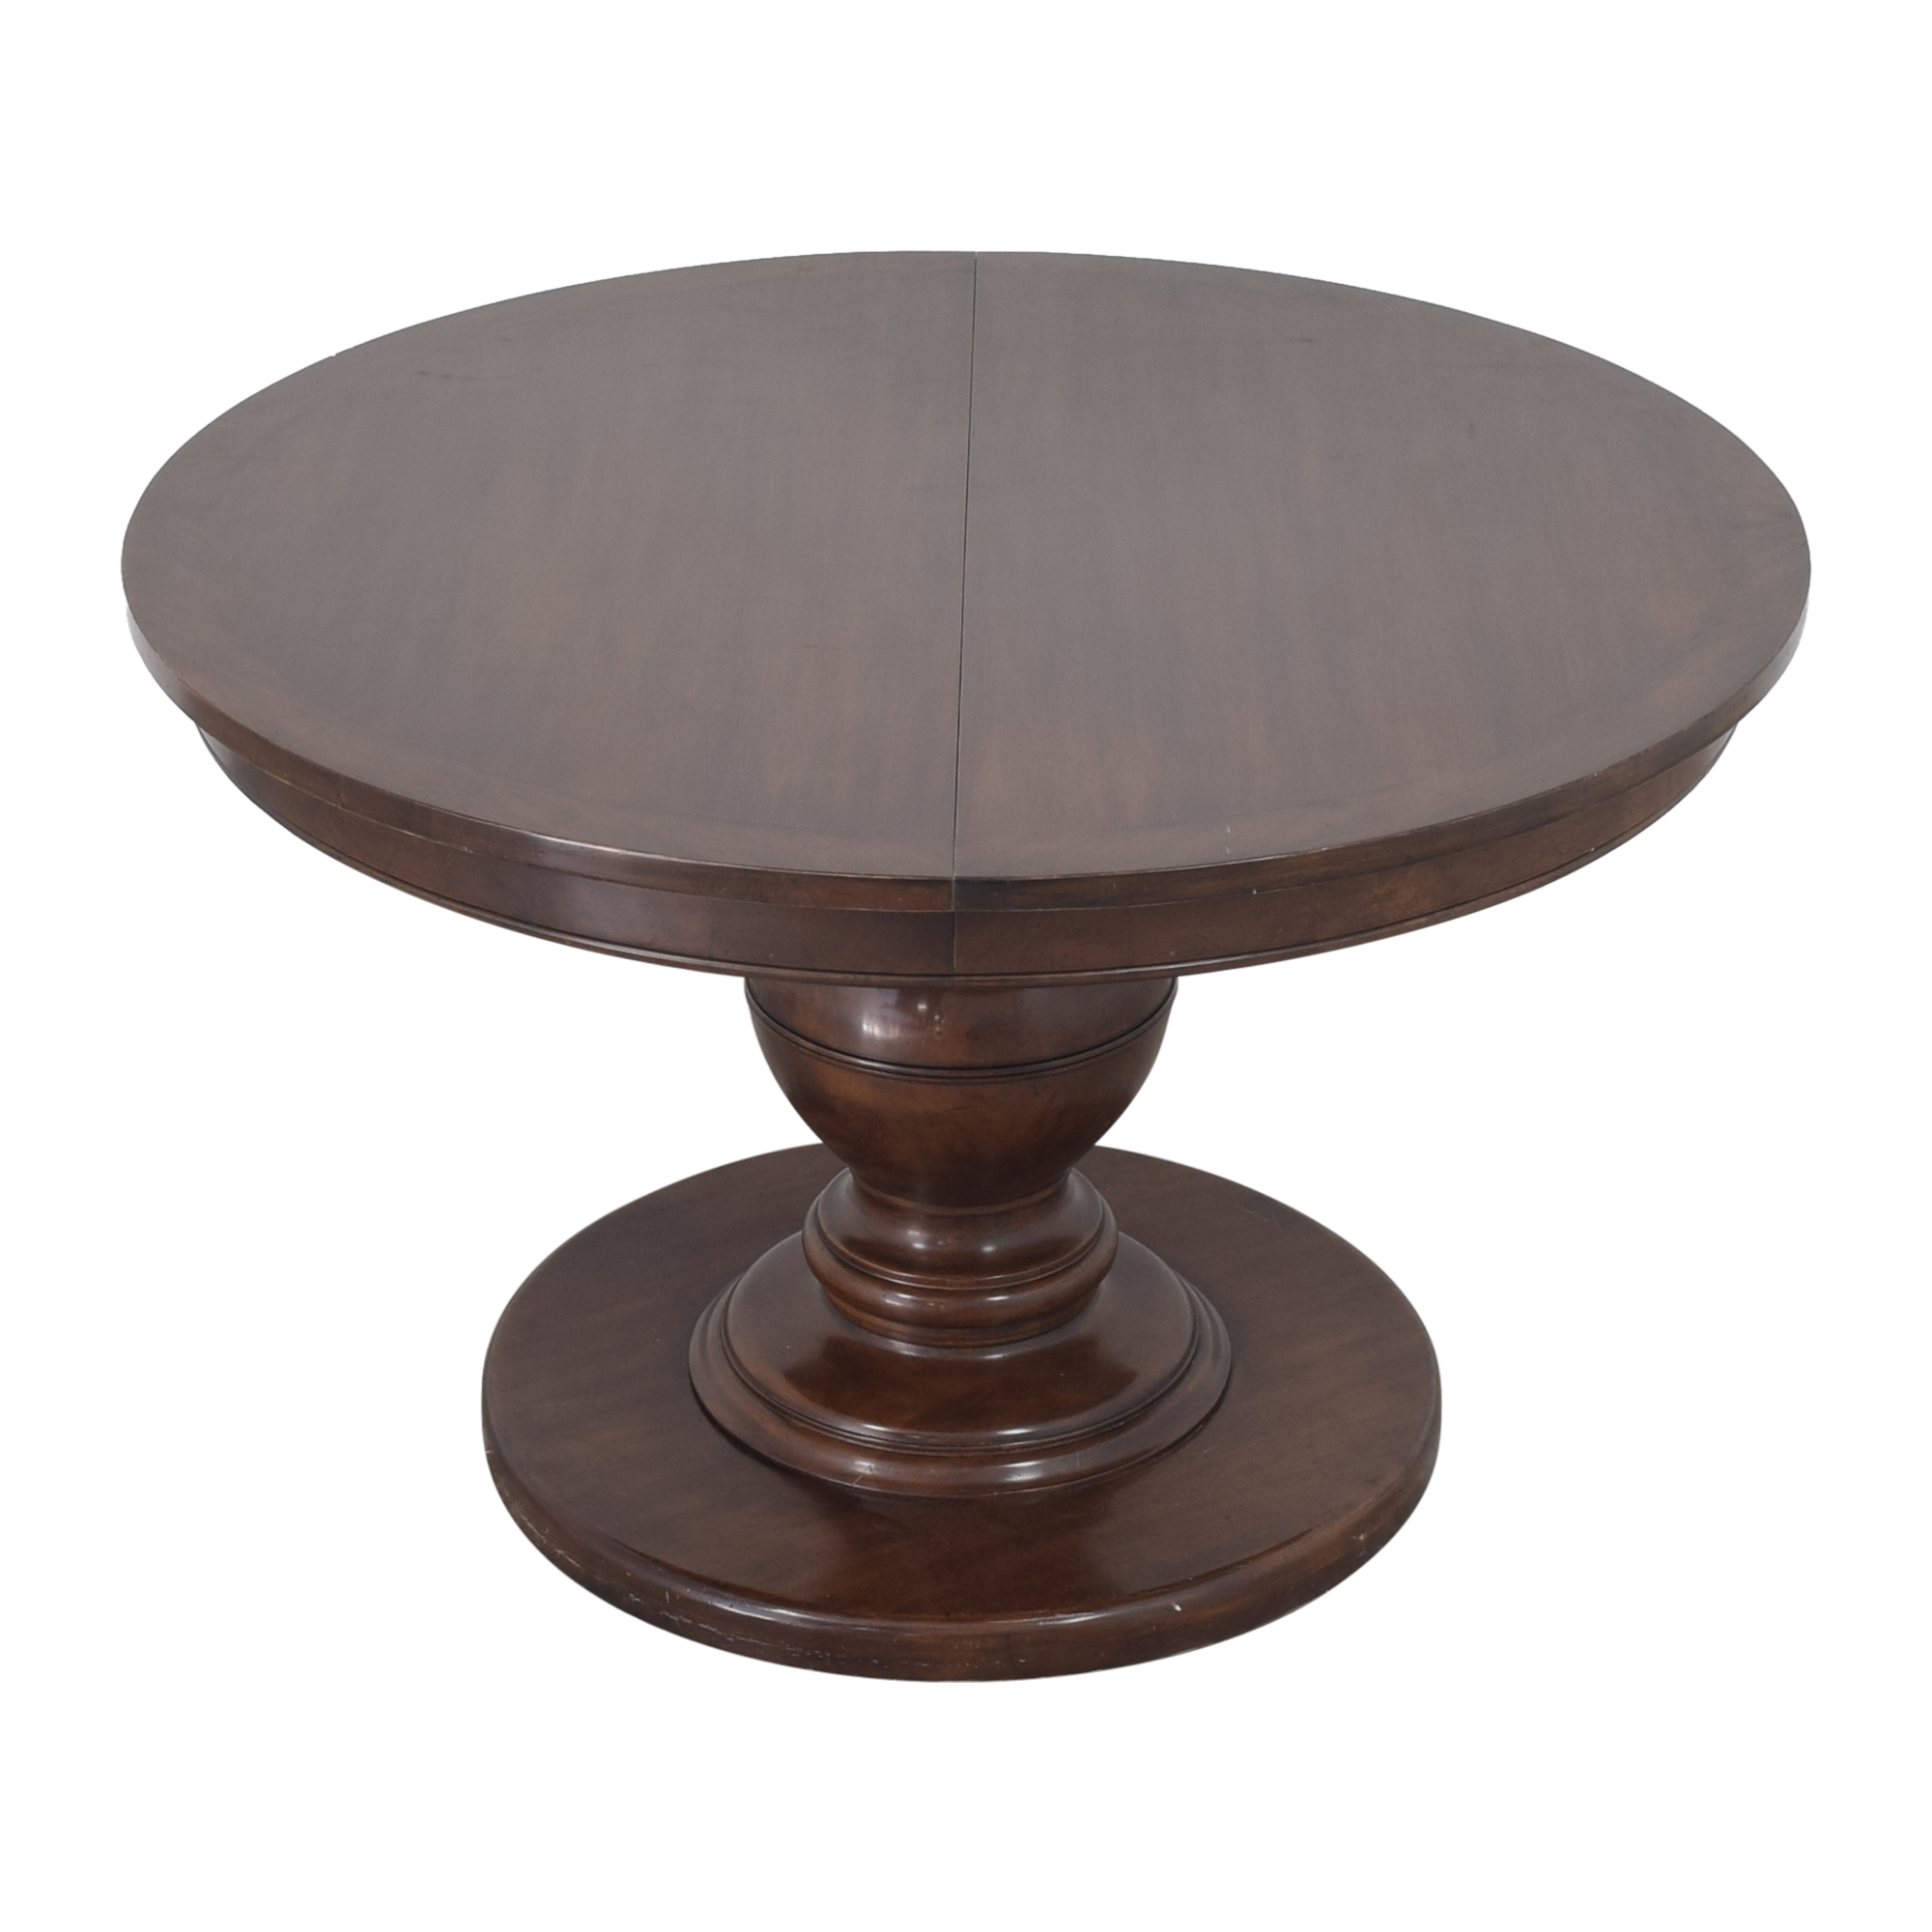 Kravet Kravet Grand Pedestal Dining Table